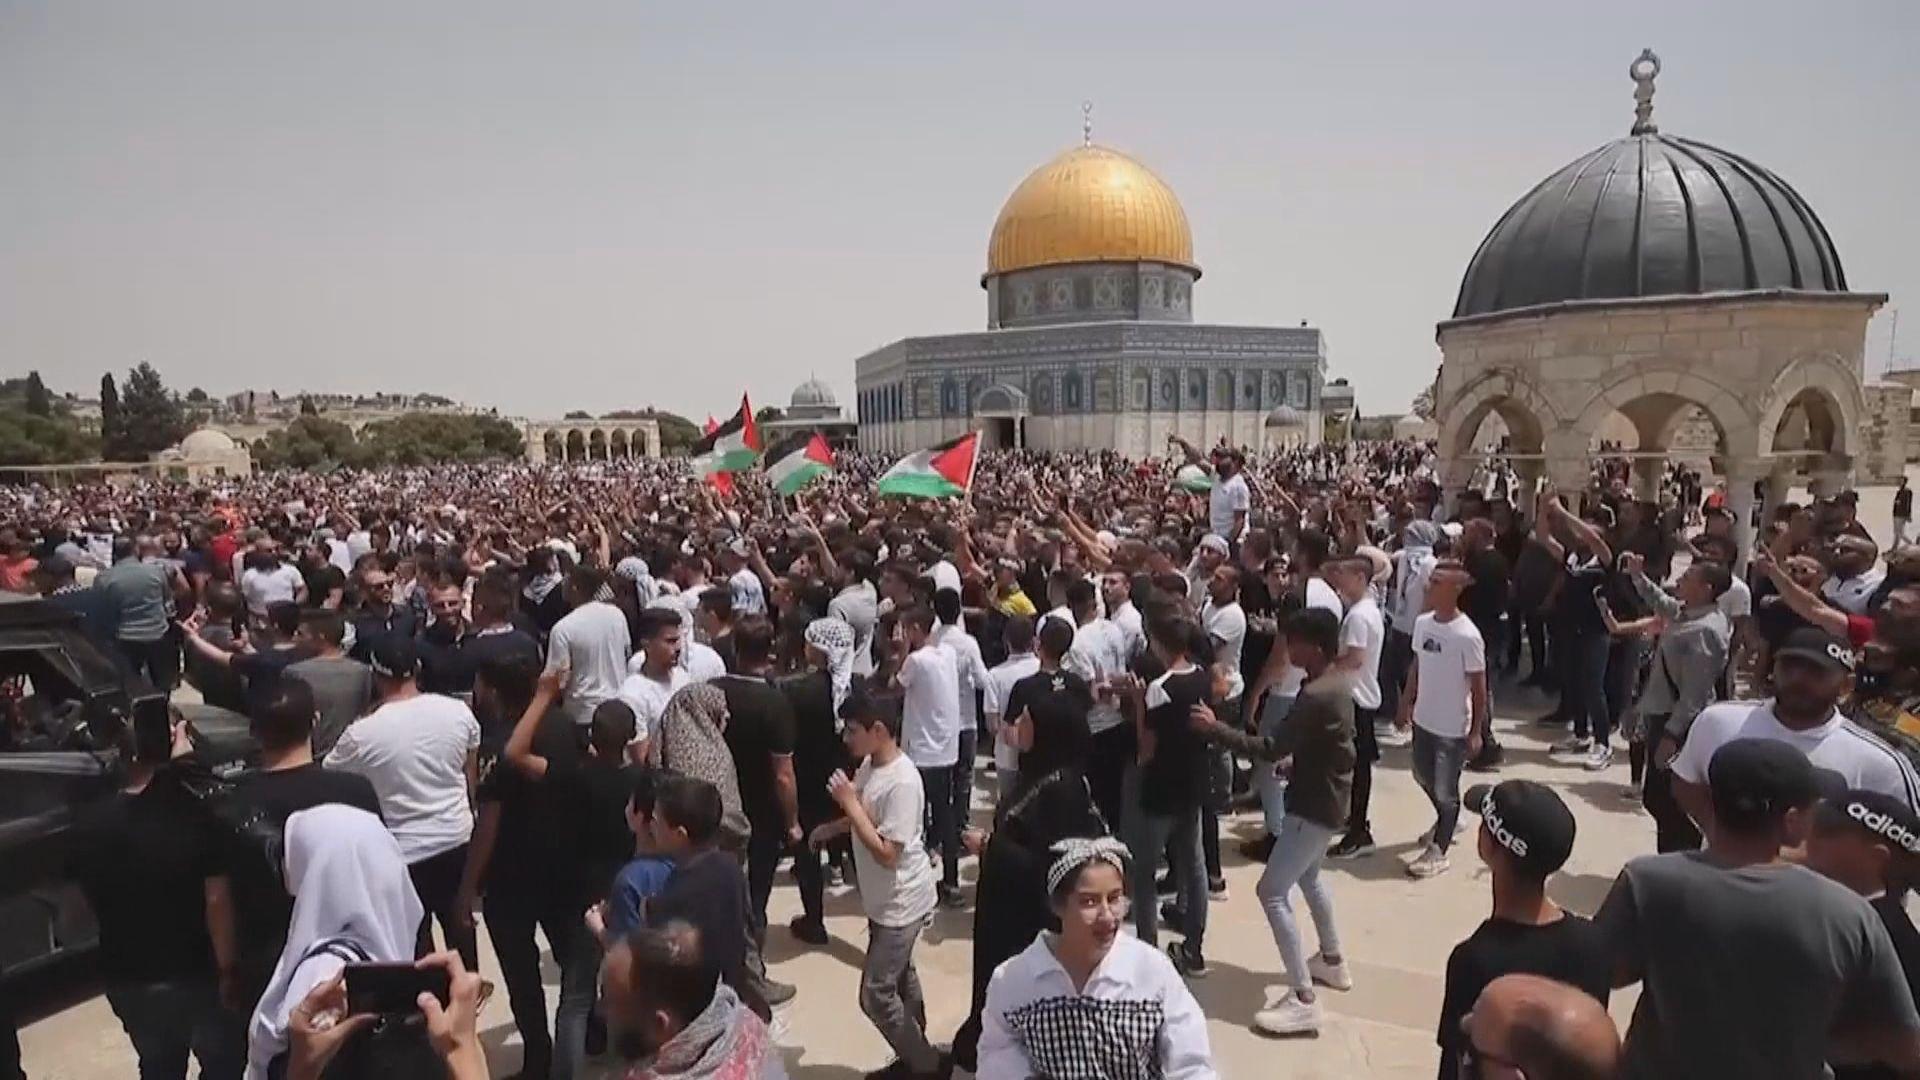 以巴停火後未見戰火 惟以色列軍警與巴人再爆衝突